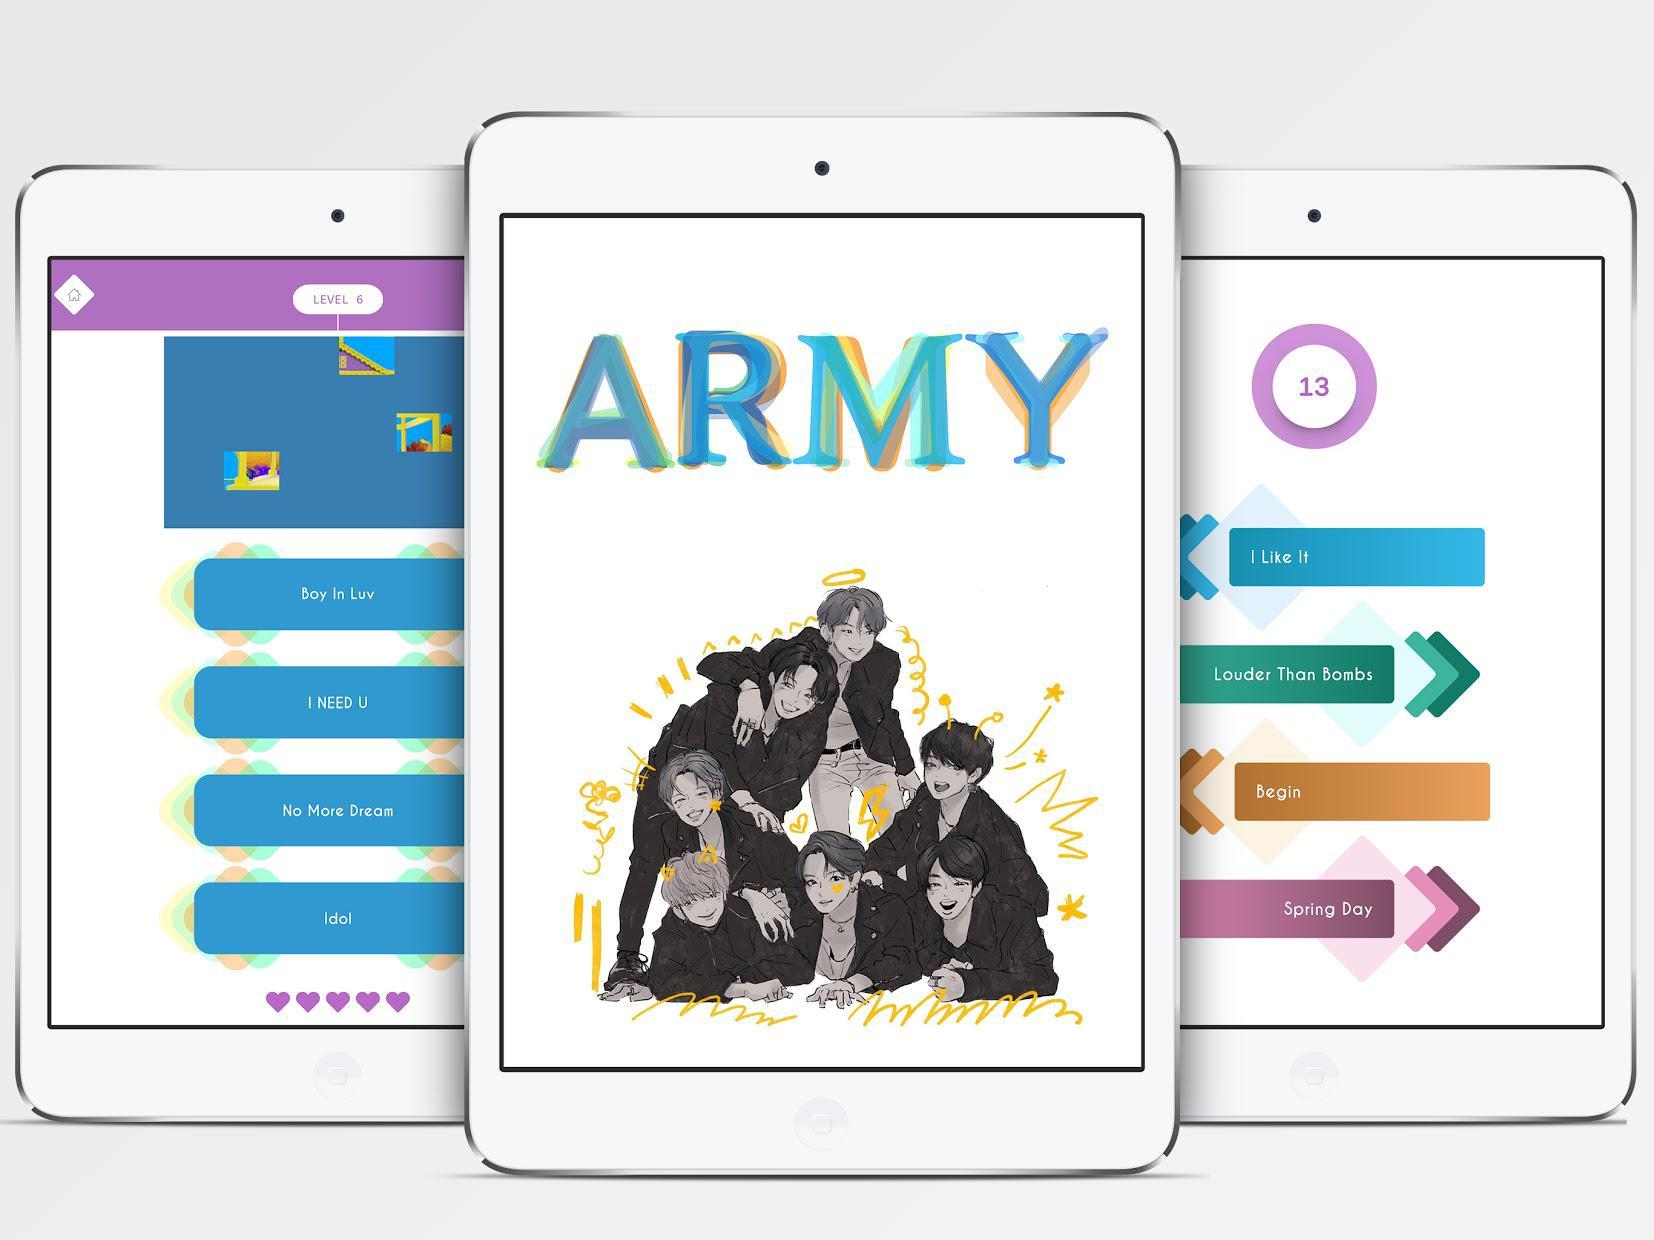 A.R.M.Y - game for Kpop worldwide BTSfan 游戏截图4